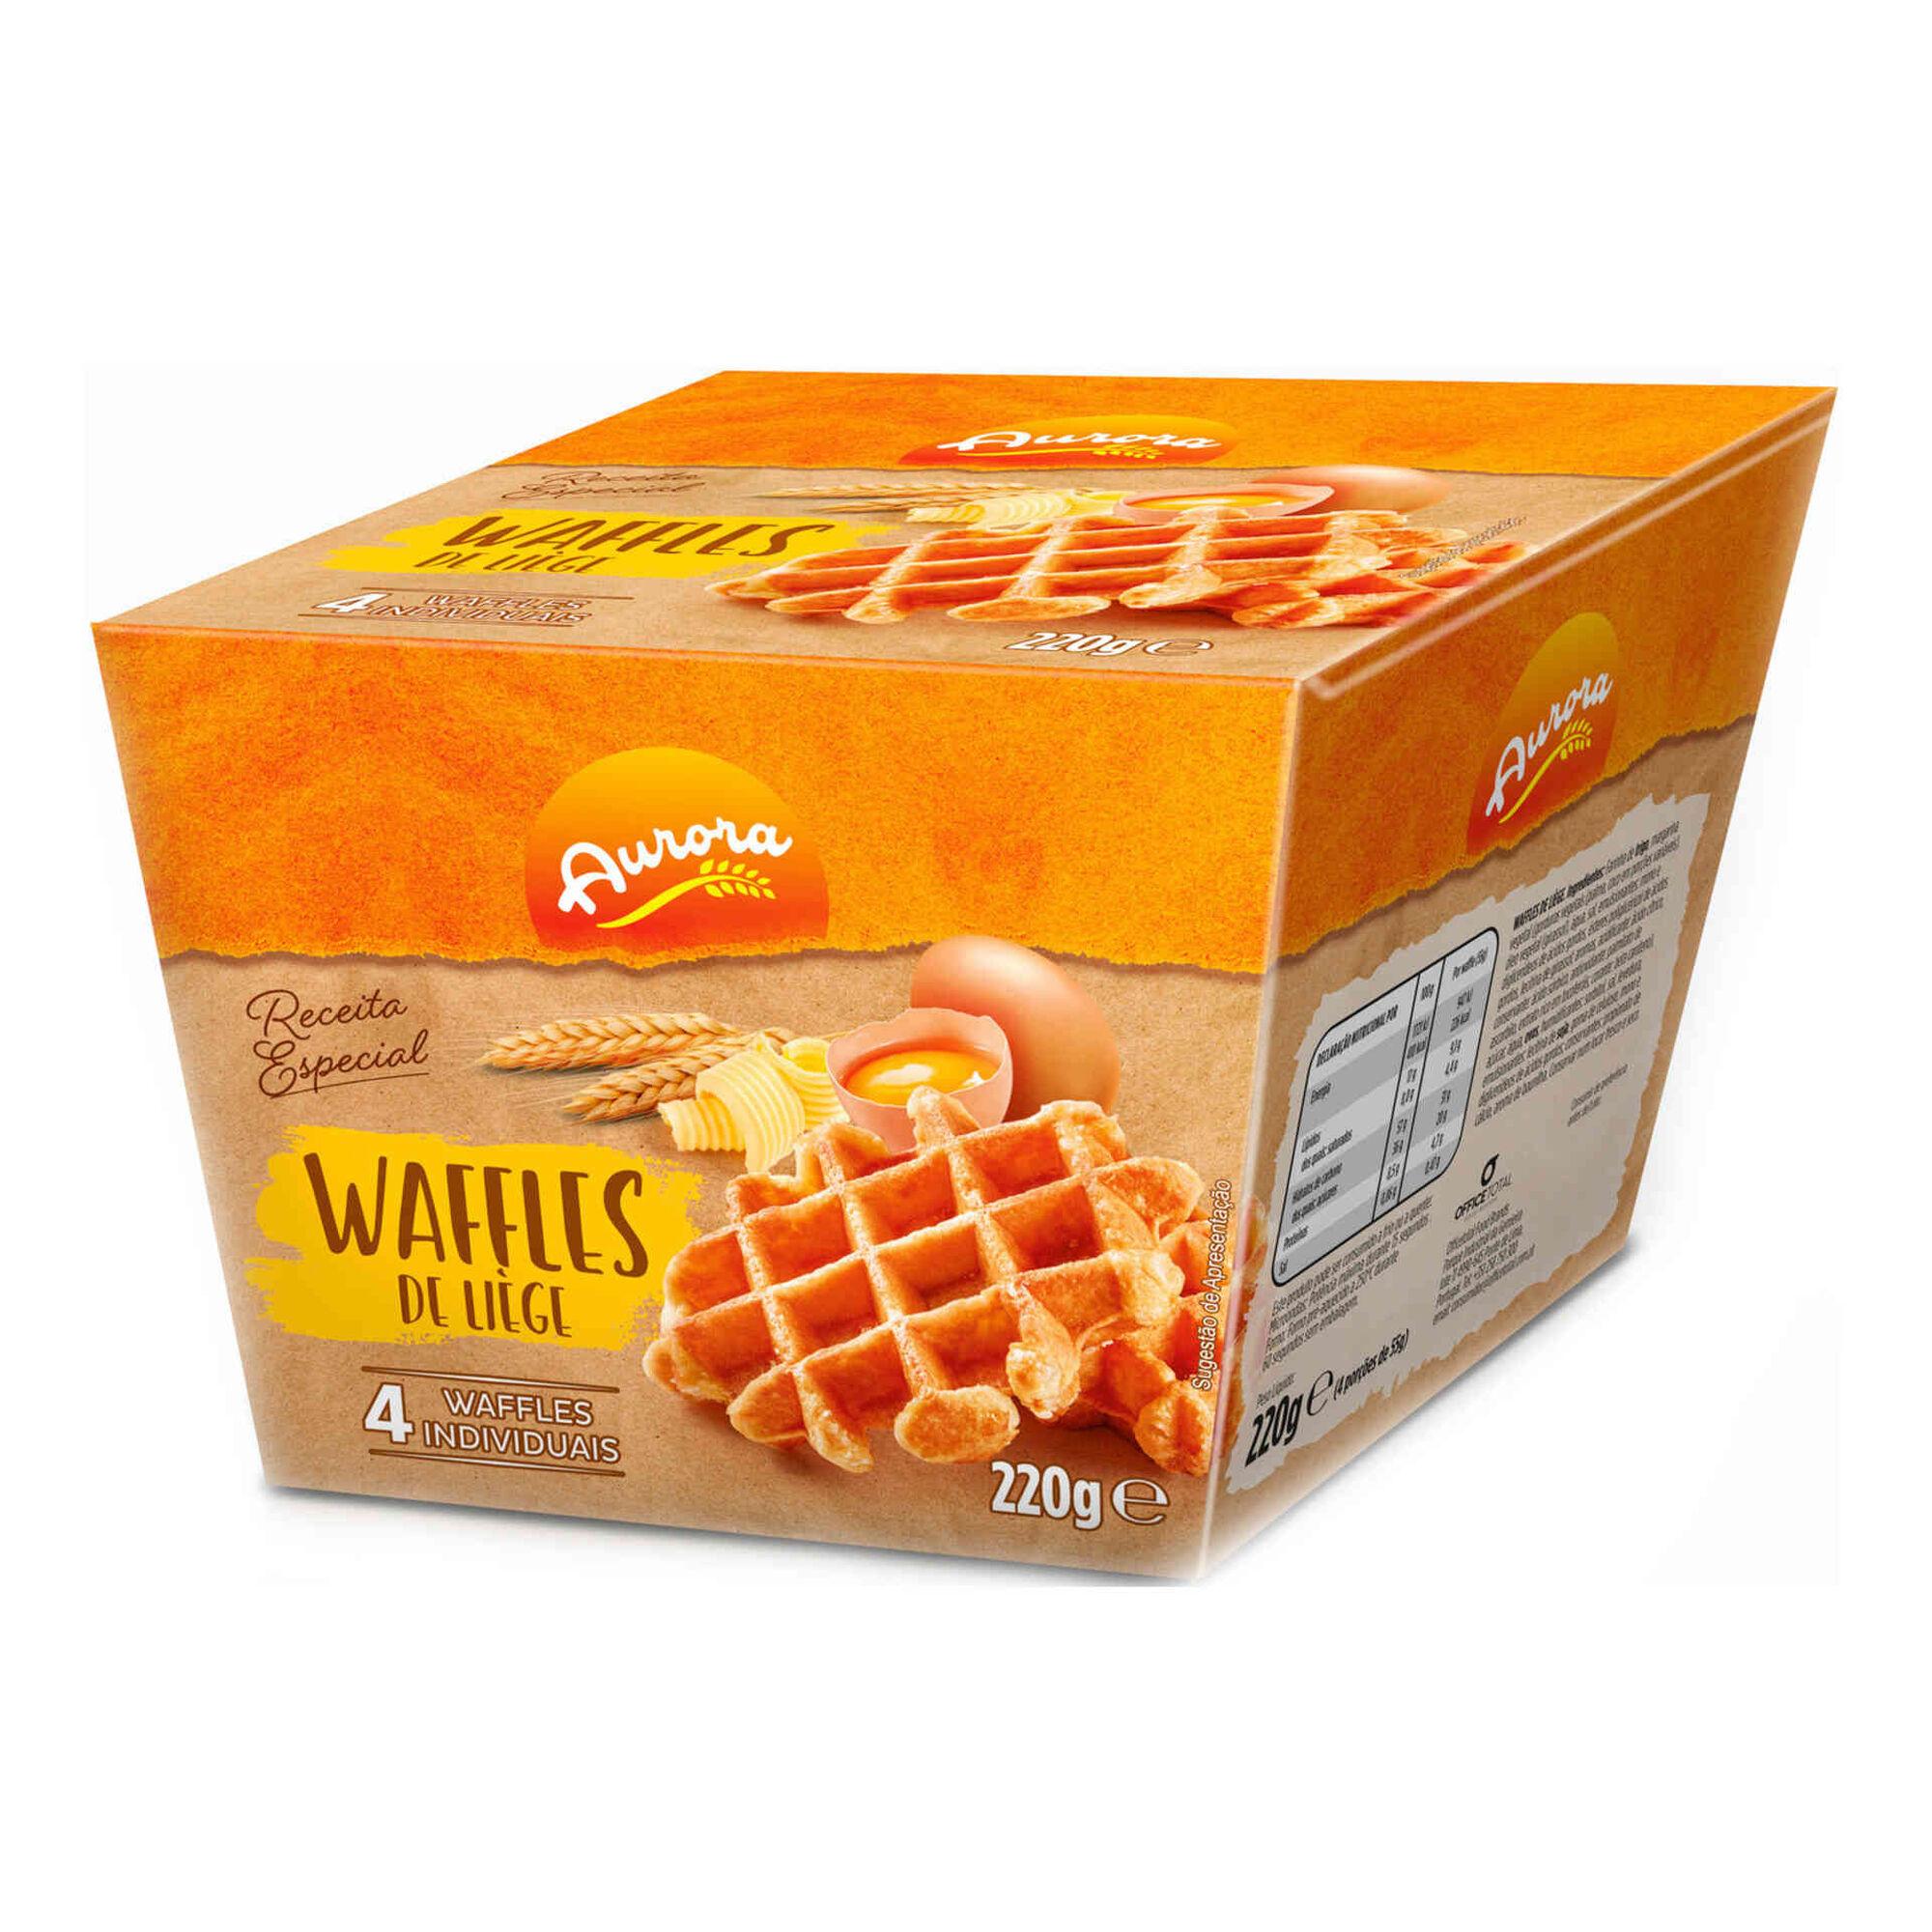 Waffles de Liège